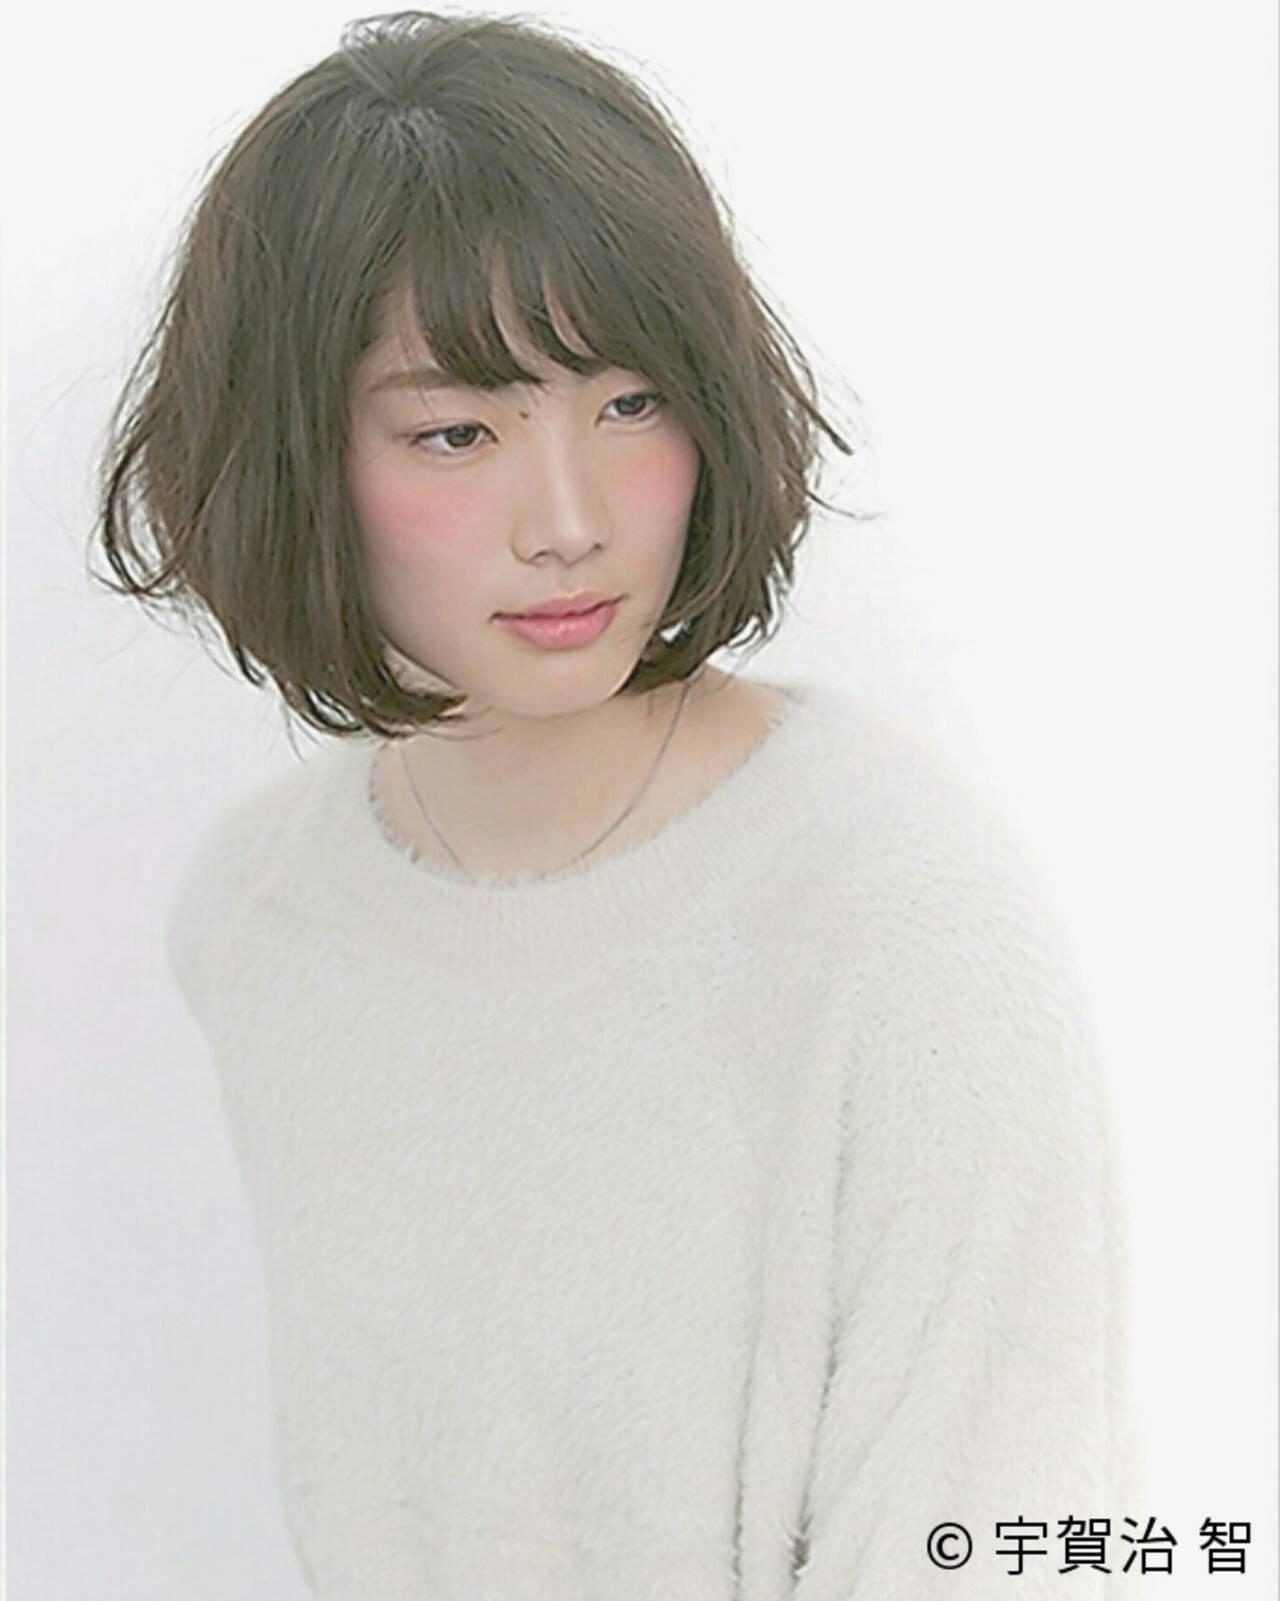 暗髪 フェミニン パーマ ゆるふわヘアスタイルや髪型の写真・画像